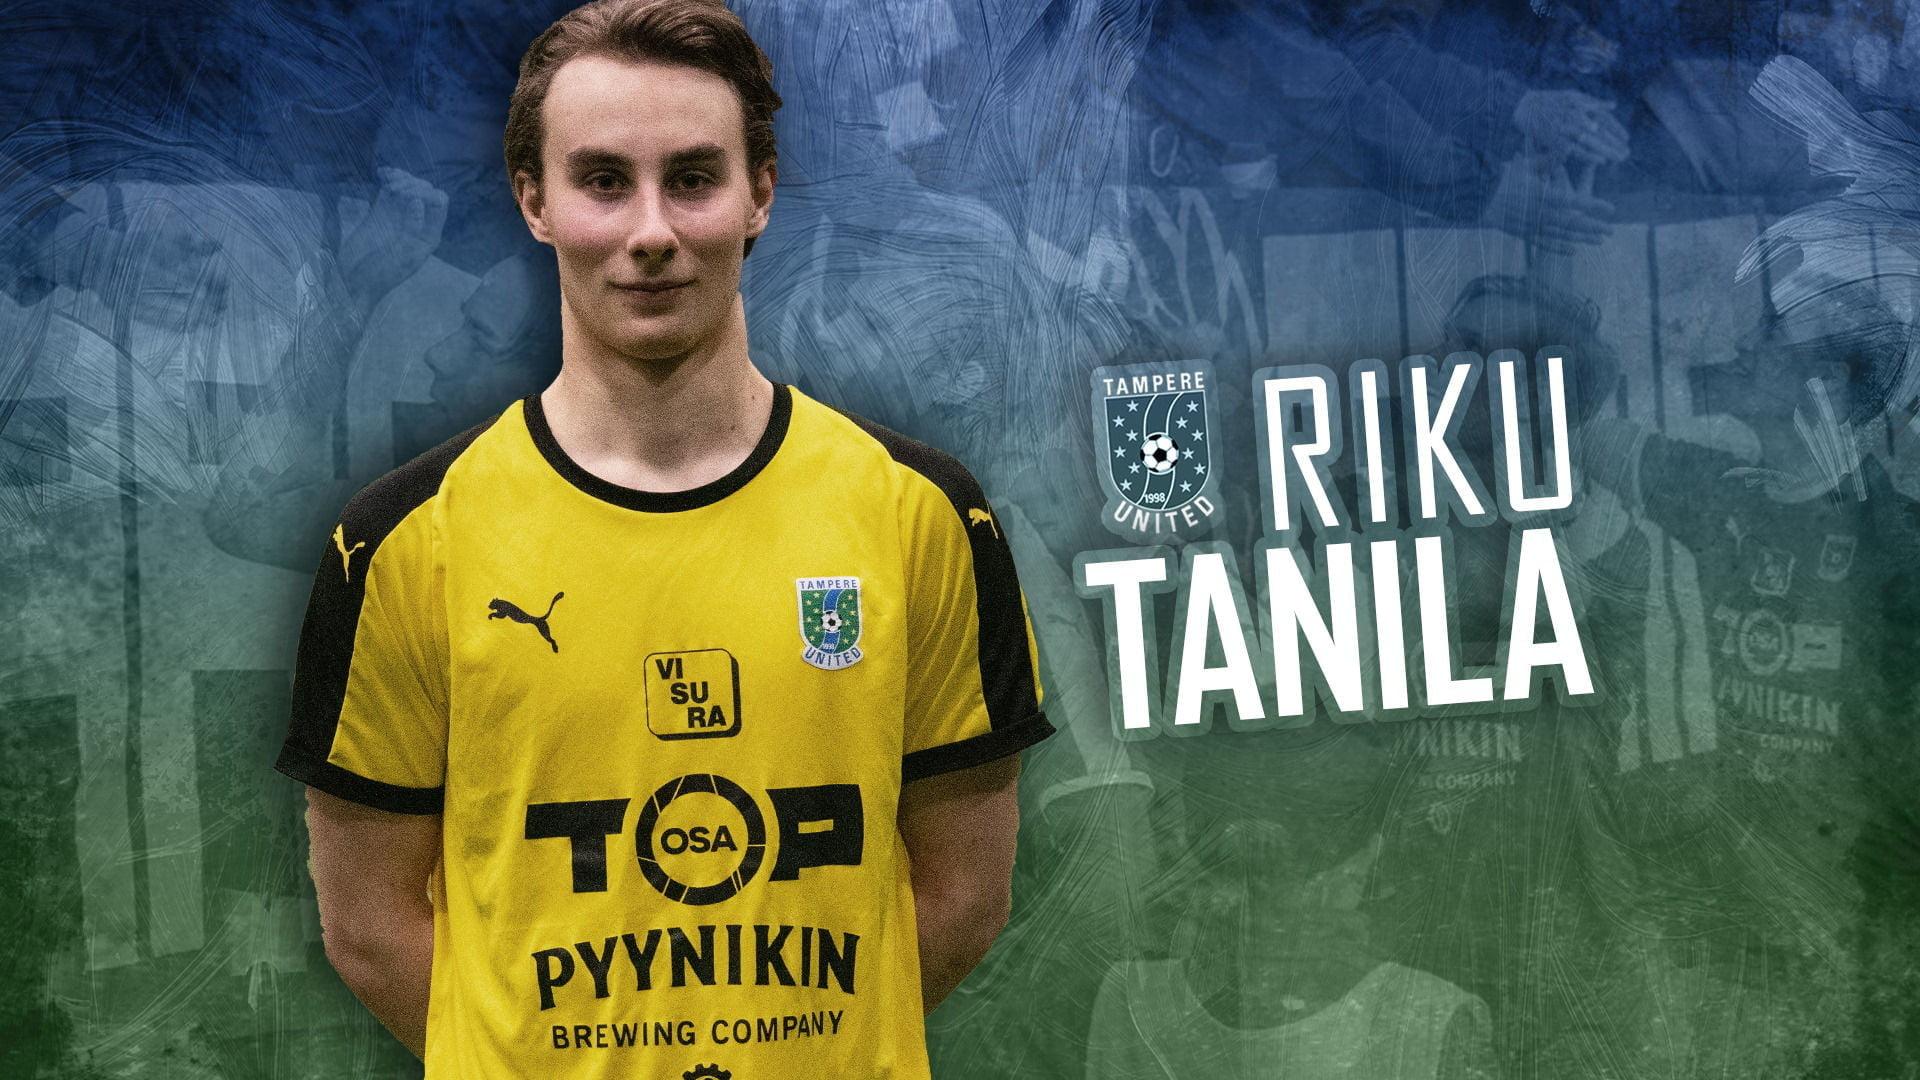 Riku Tanila on TamUn uusi maalivahti -uutiskuva